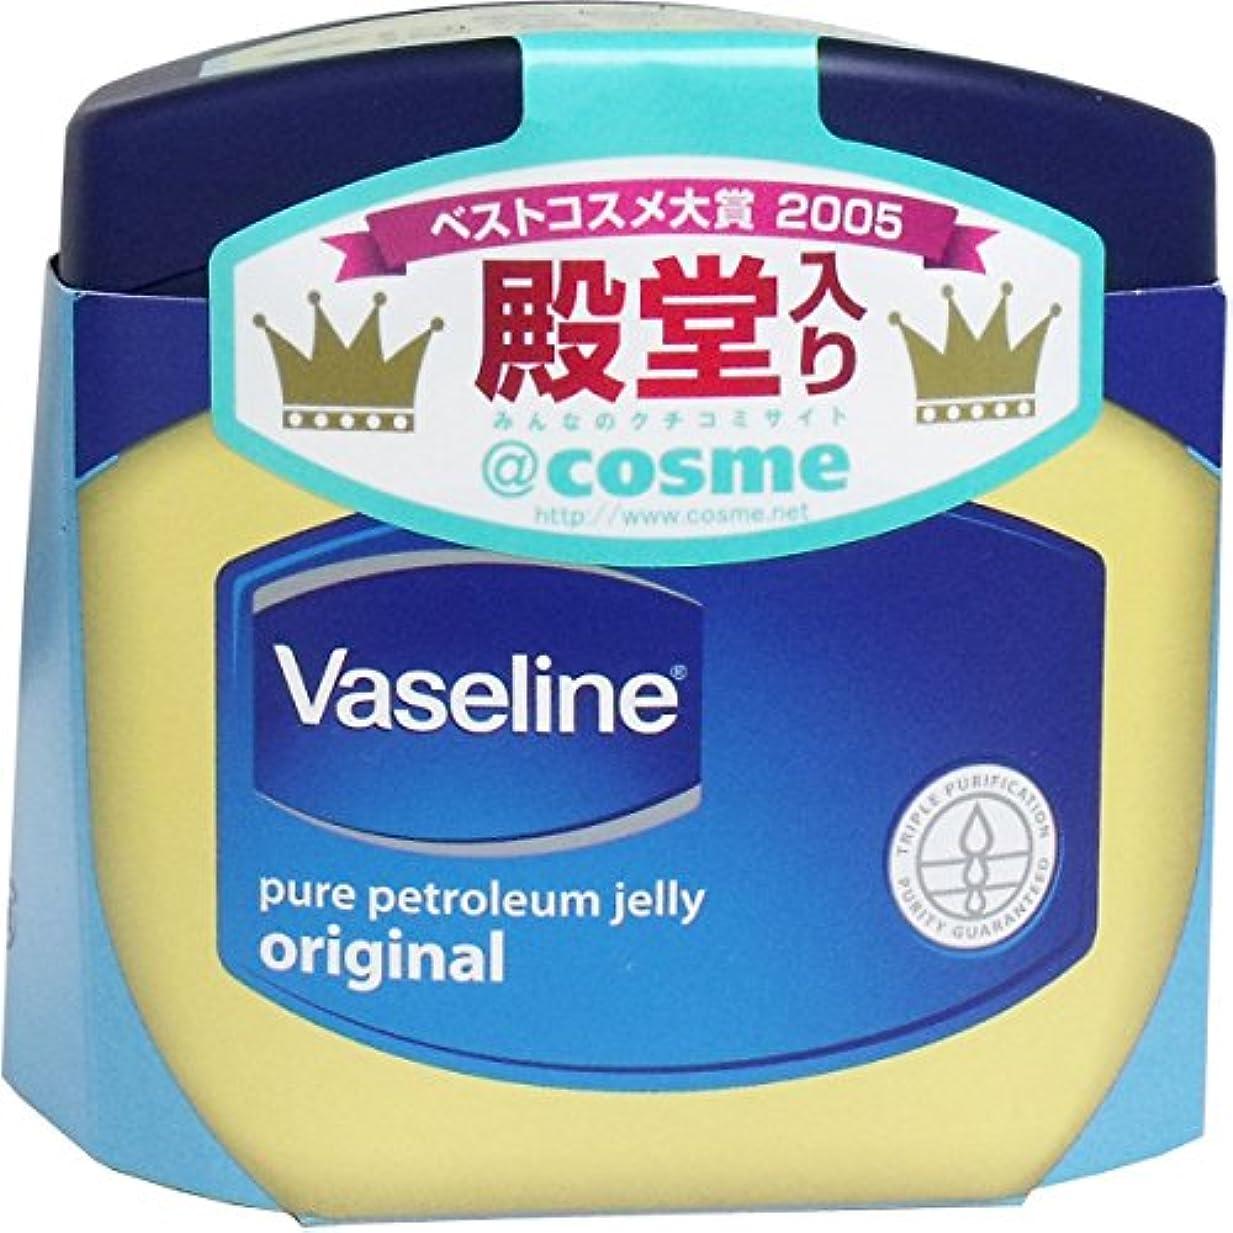 解くリボン成功した【Vaseline】ヴァセリン ピュアスキンジェリー (スキンオイル) 200g ×10個セット